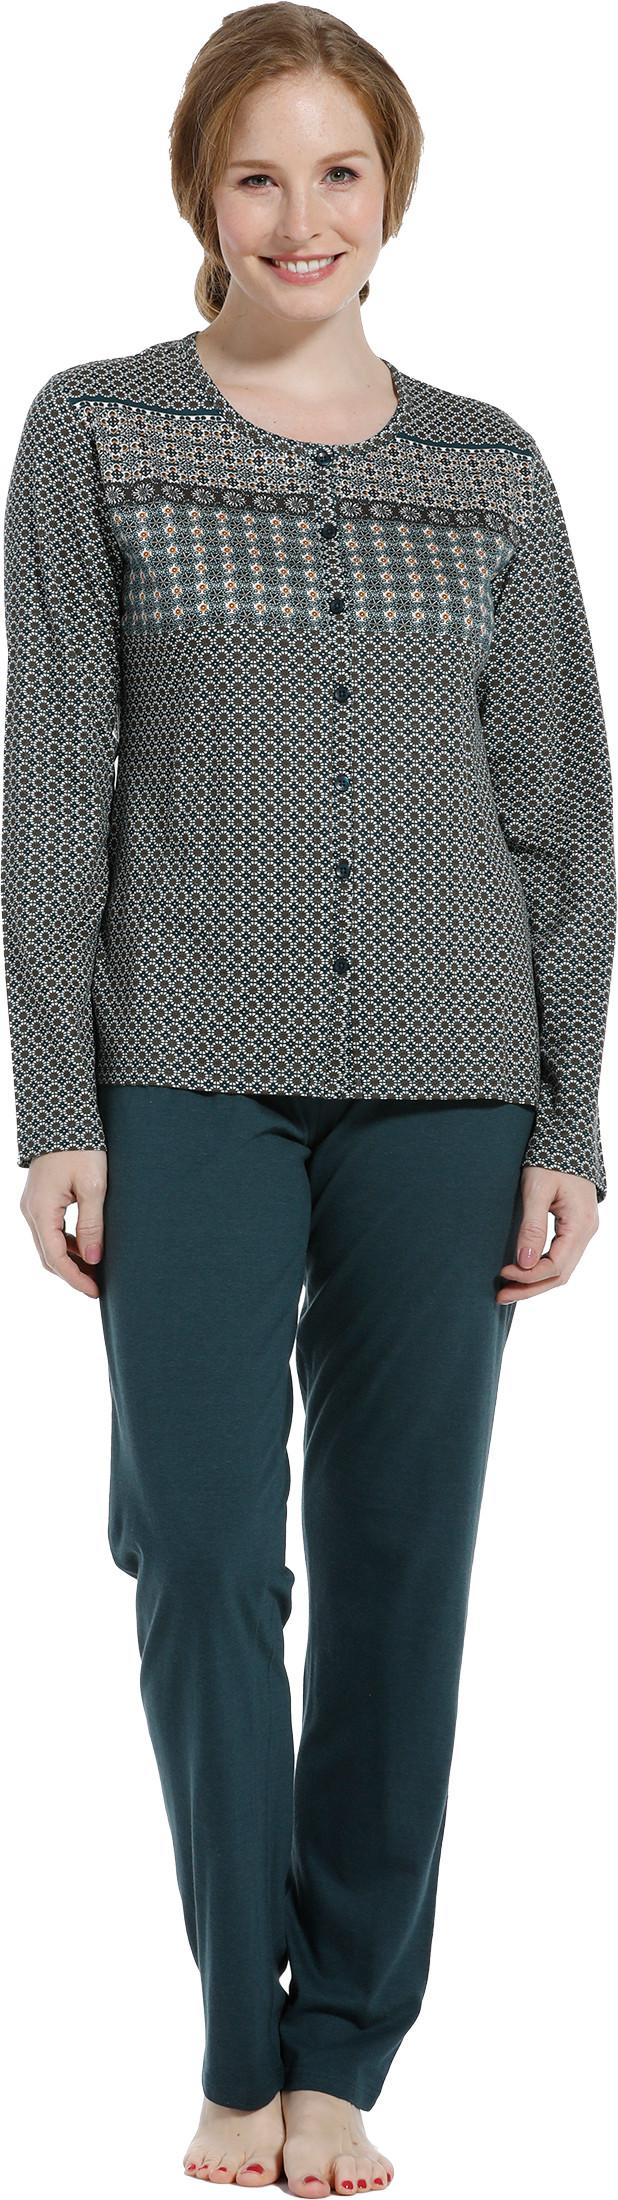 Dames pyjama doorknoop Pastunette 20202-148-6-38